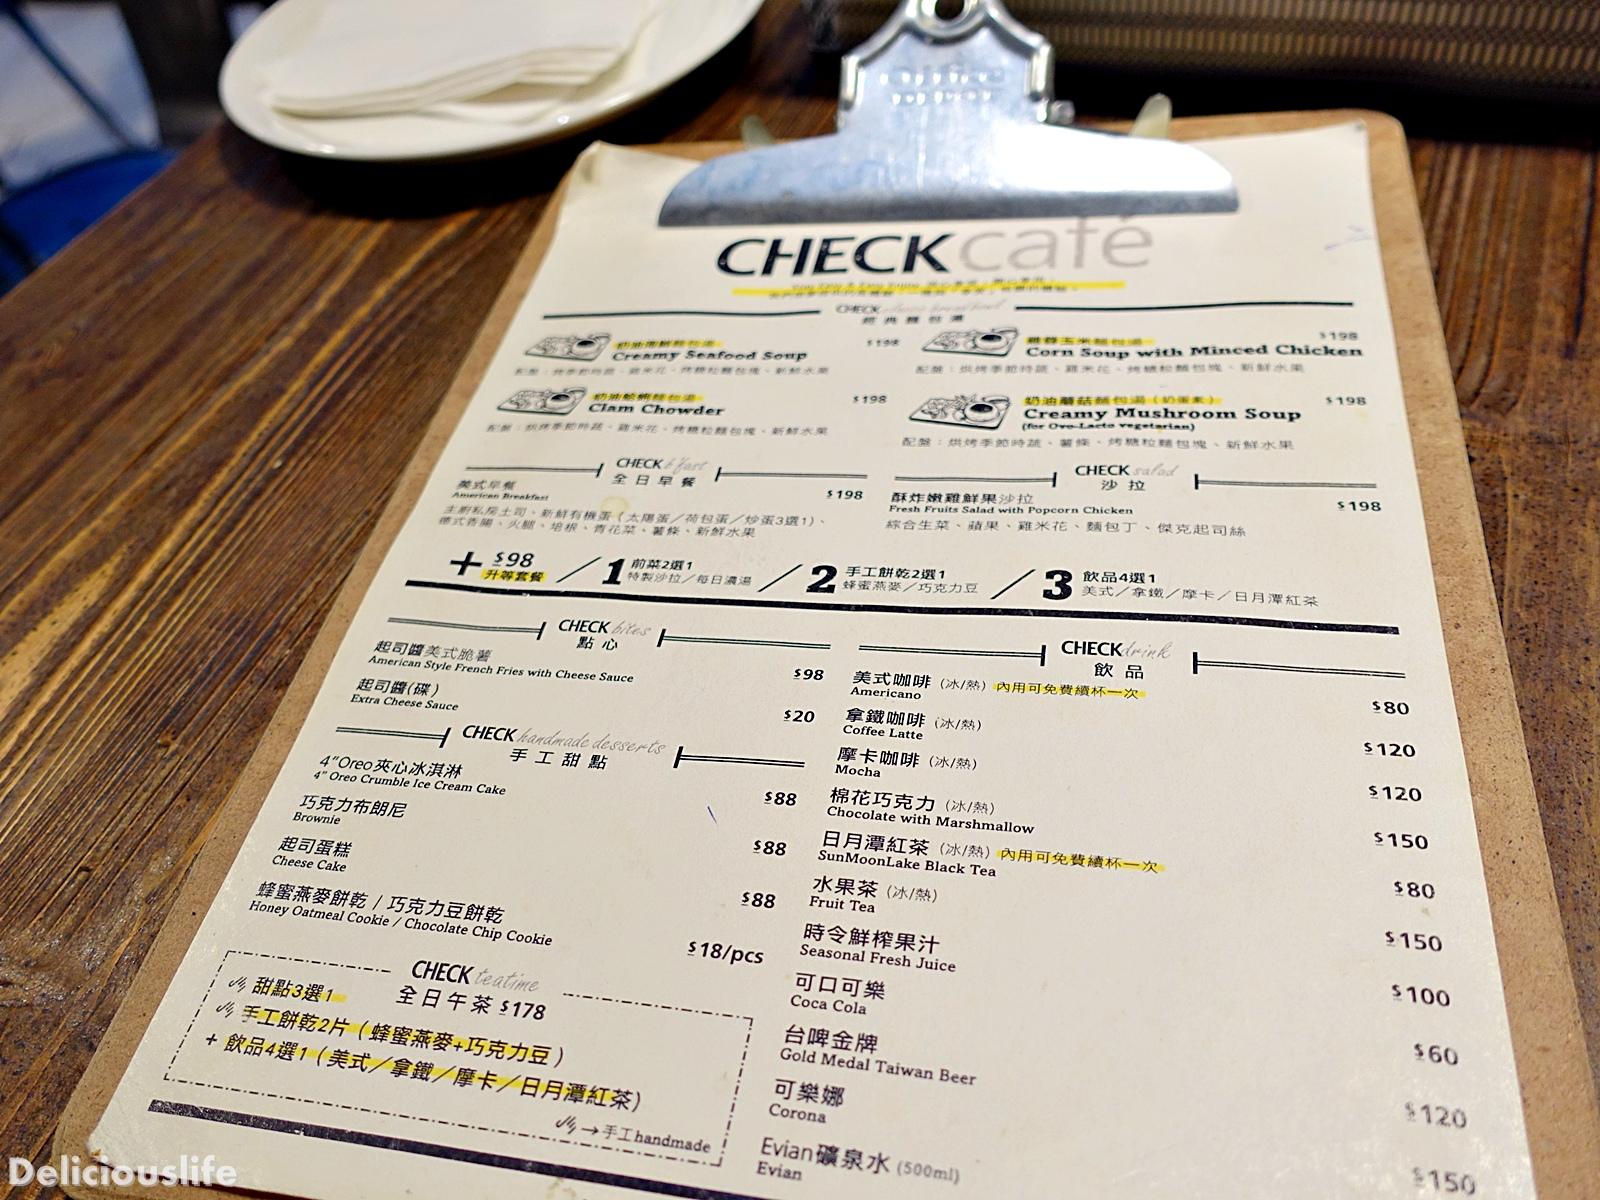 checkcafe-8